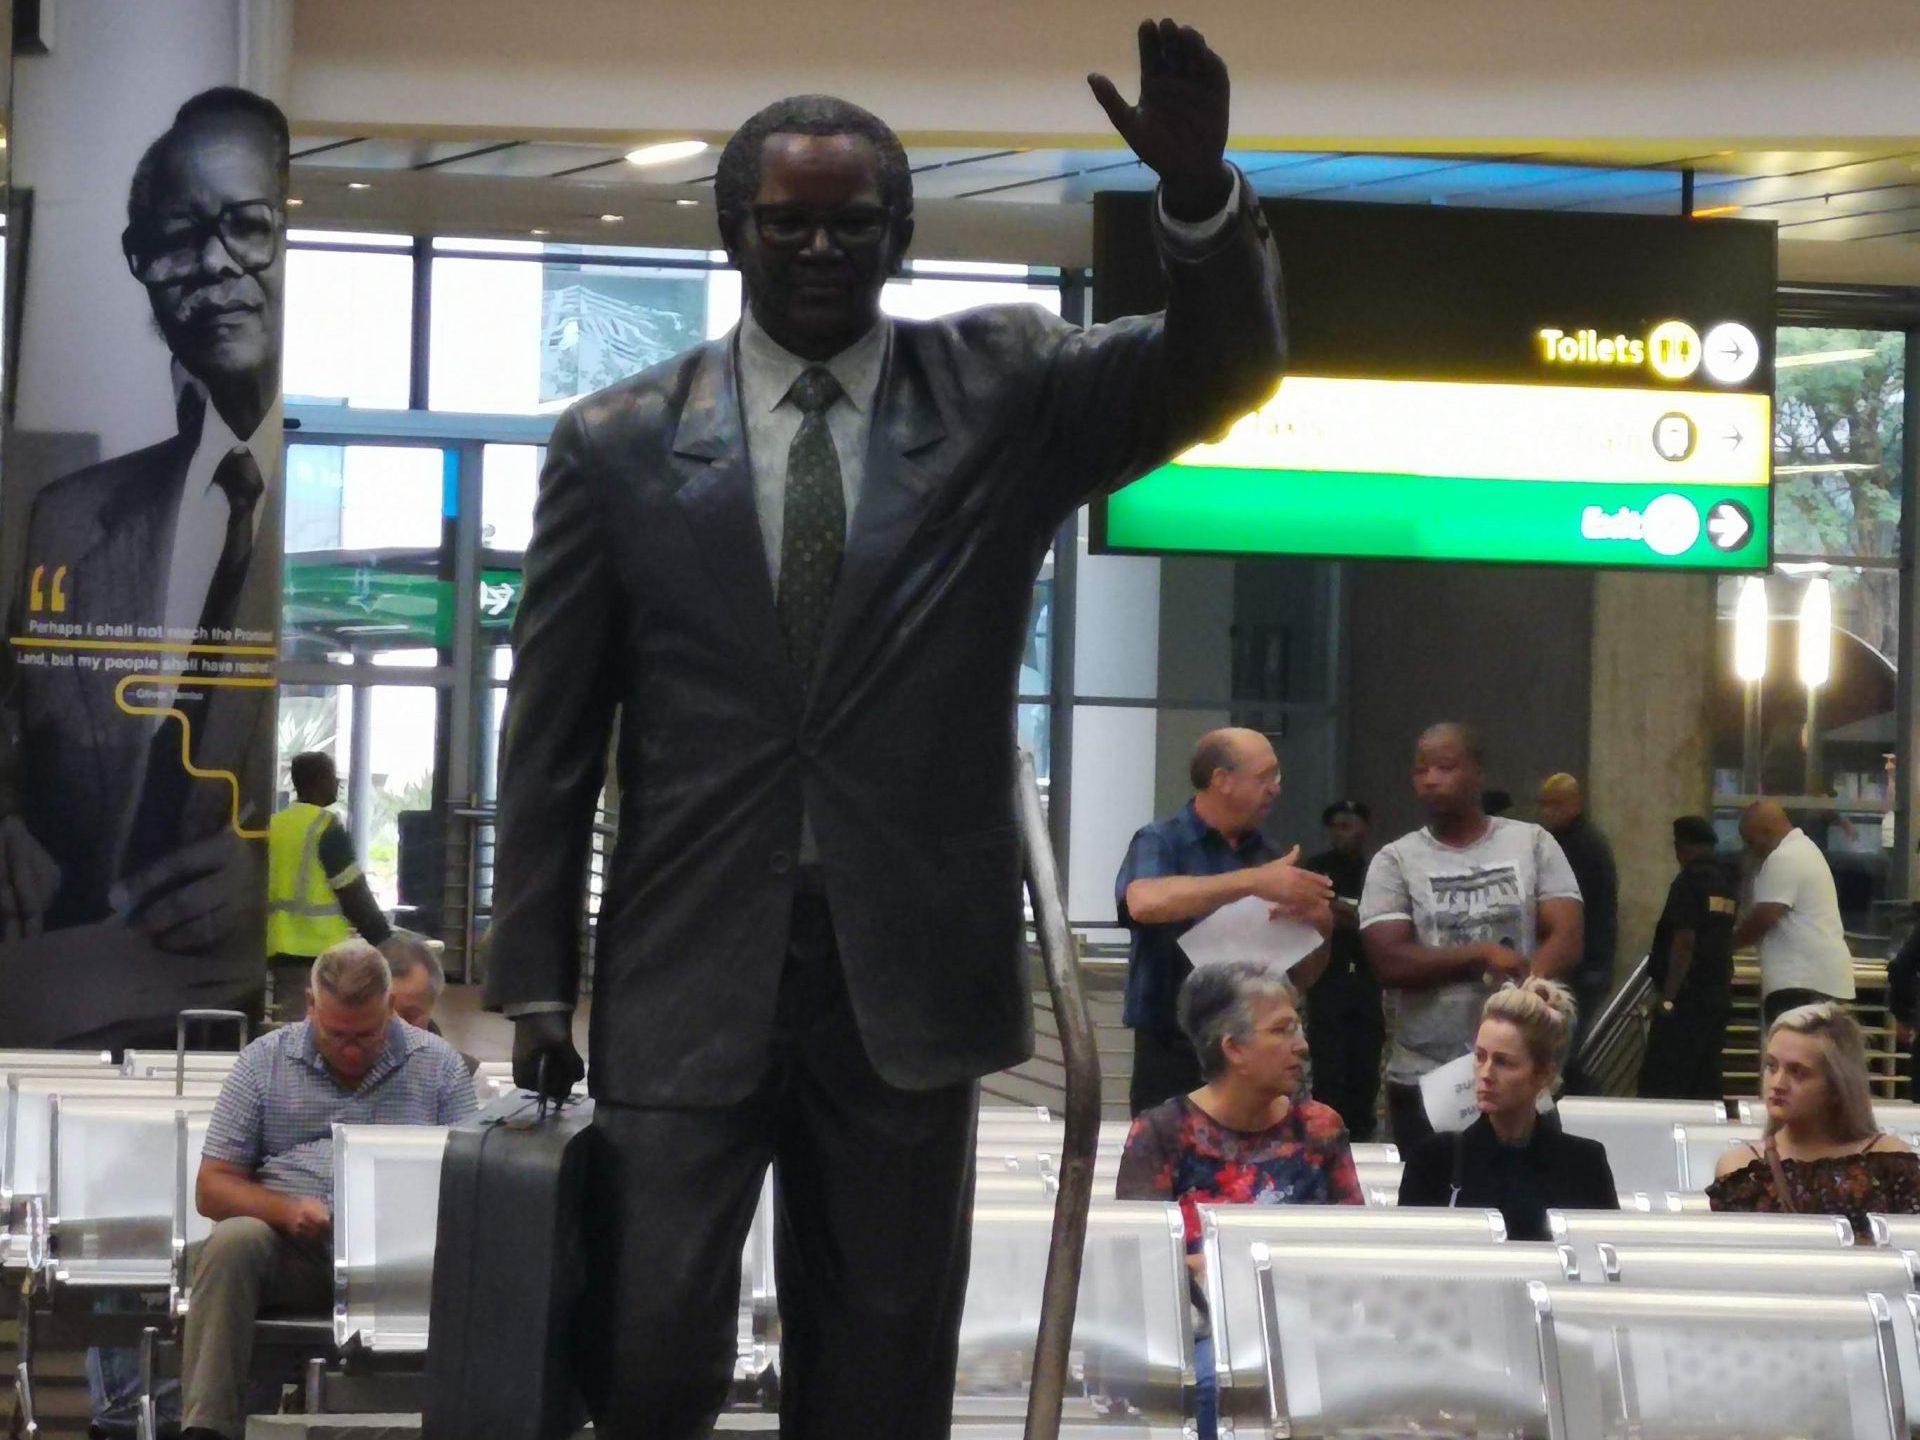 南アフリカ共和国の至るところにあるネルソン・マンデラ像の1つ